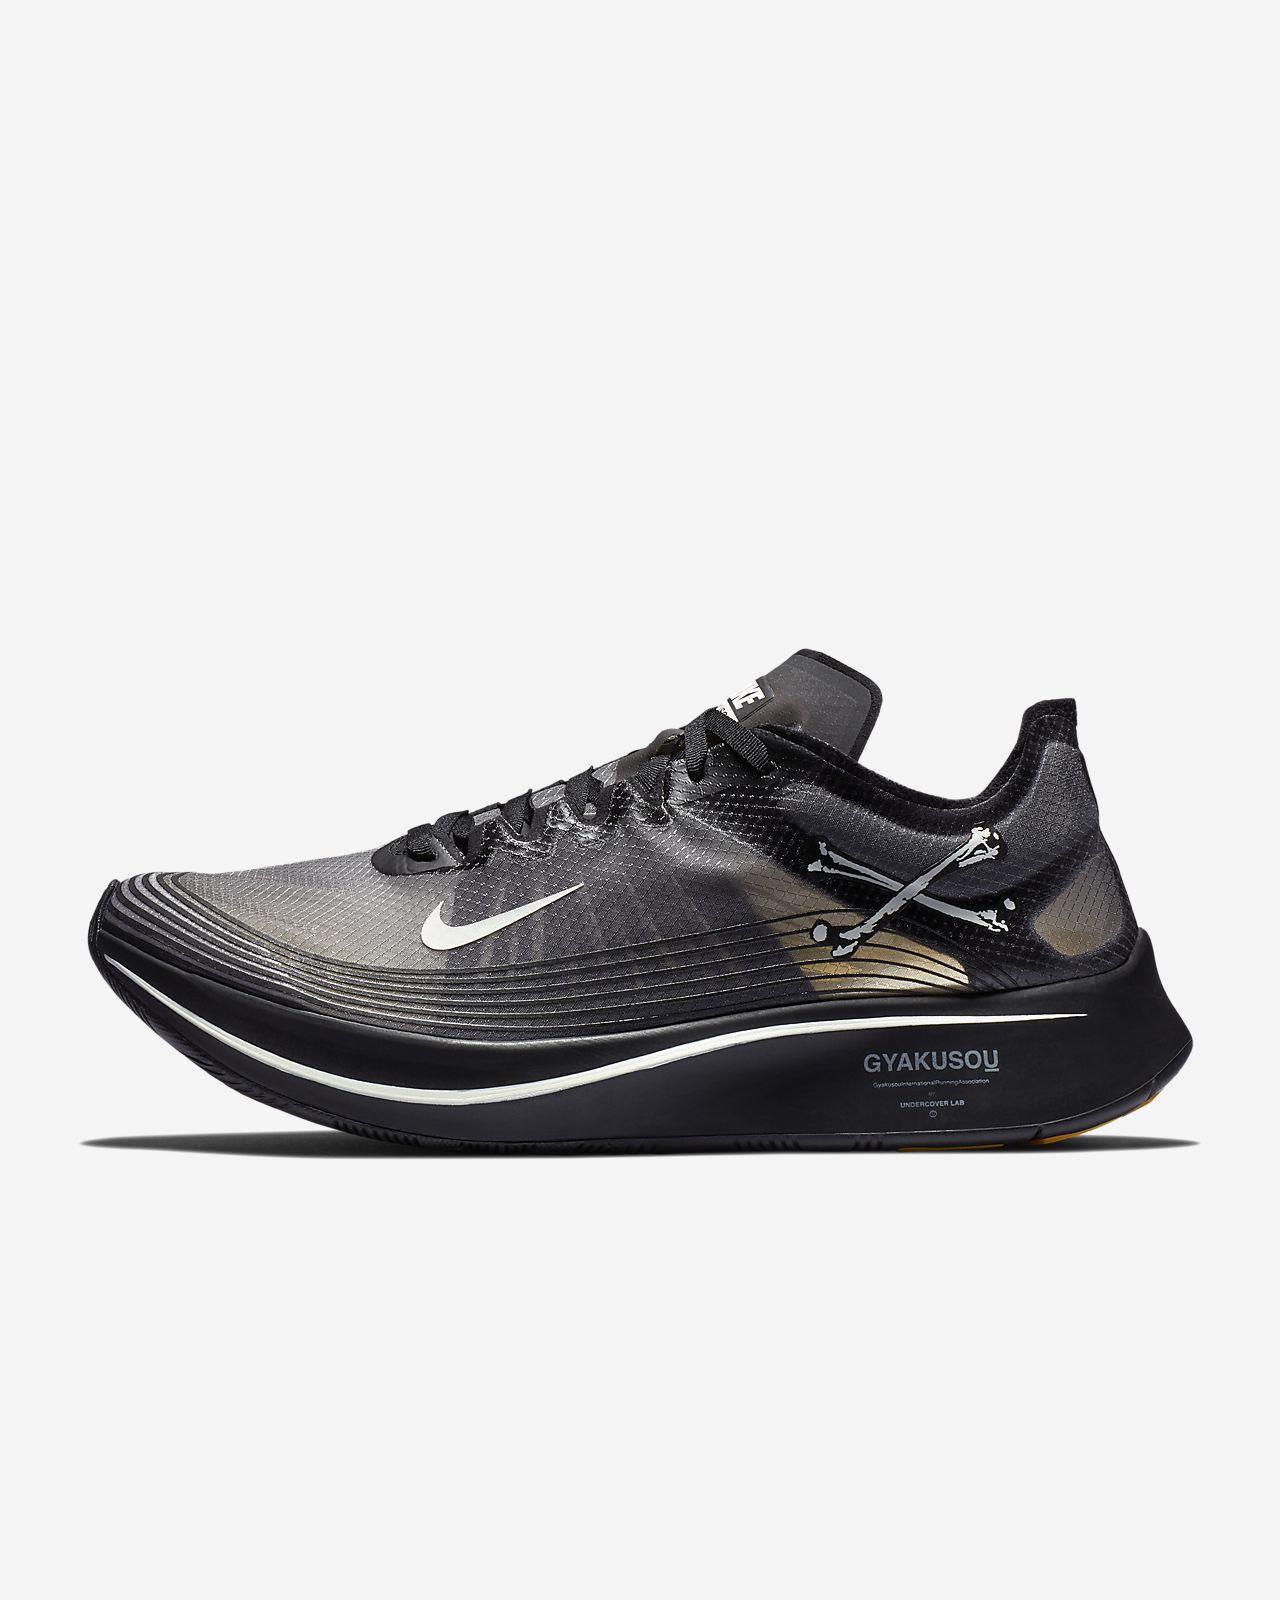 a67cab43a76e5 Nike x Gyakusou Zoom Fly Running Shoe. Nike.com ID